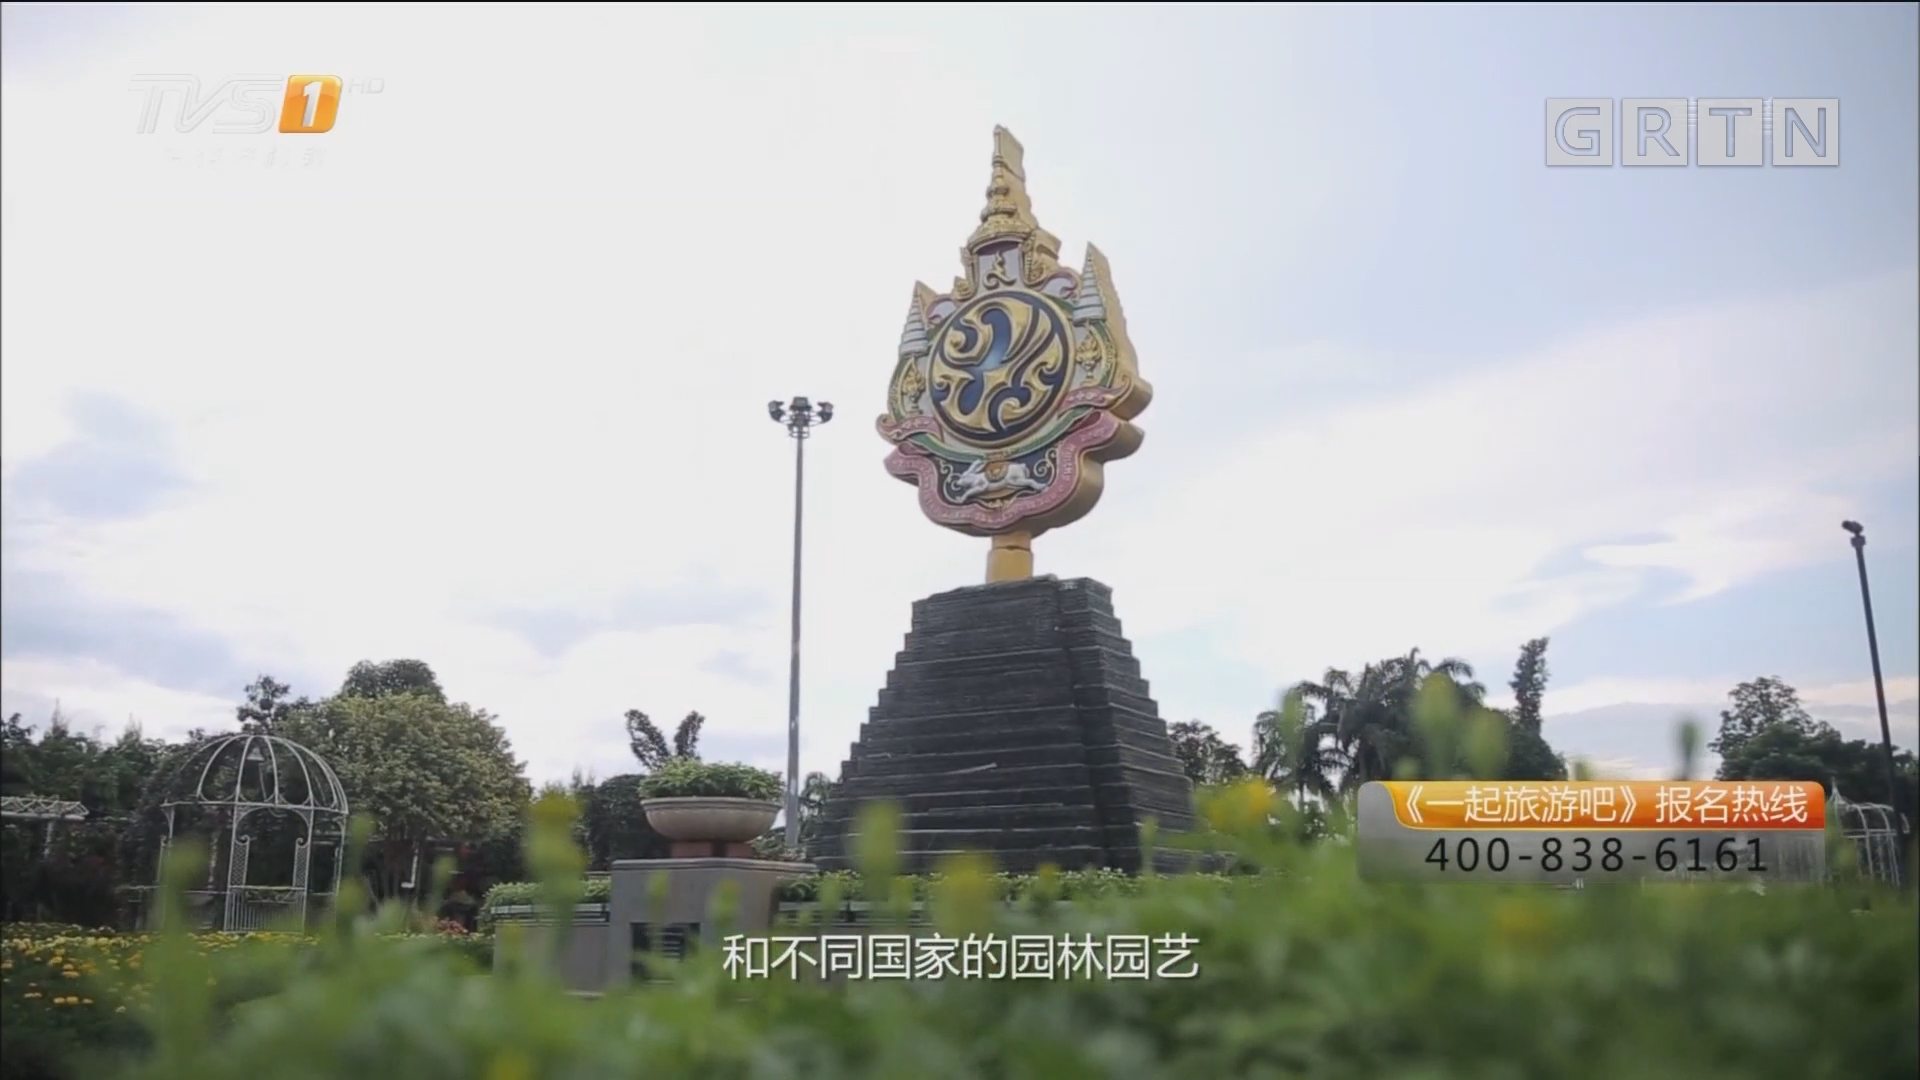 泰国清迈清莱——皇家园艺博览会